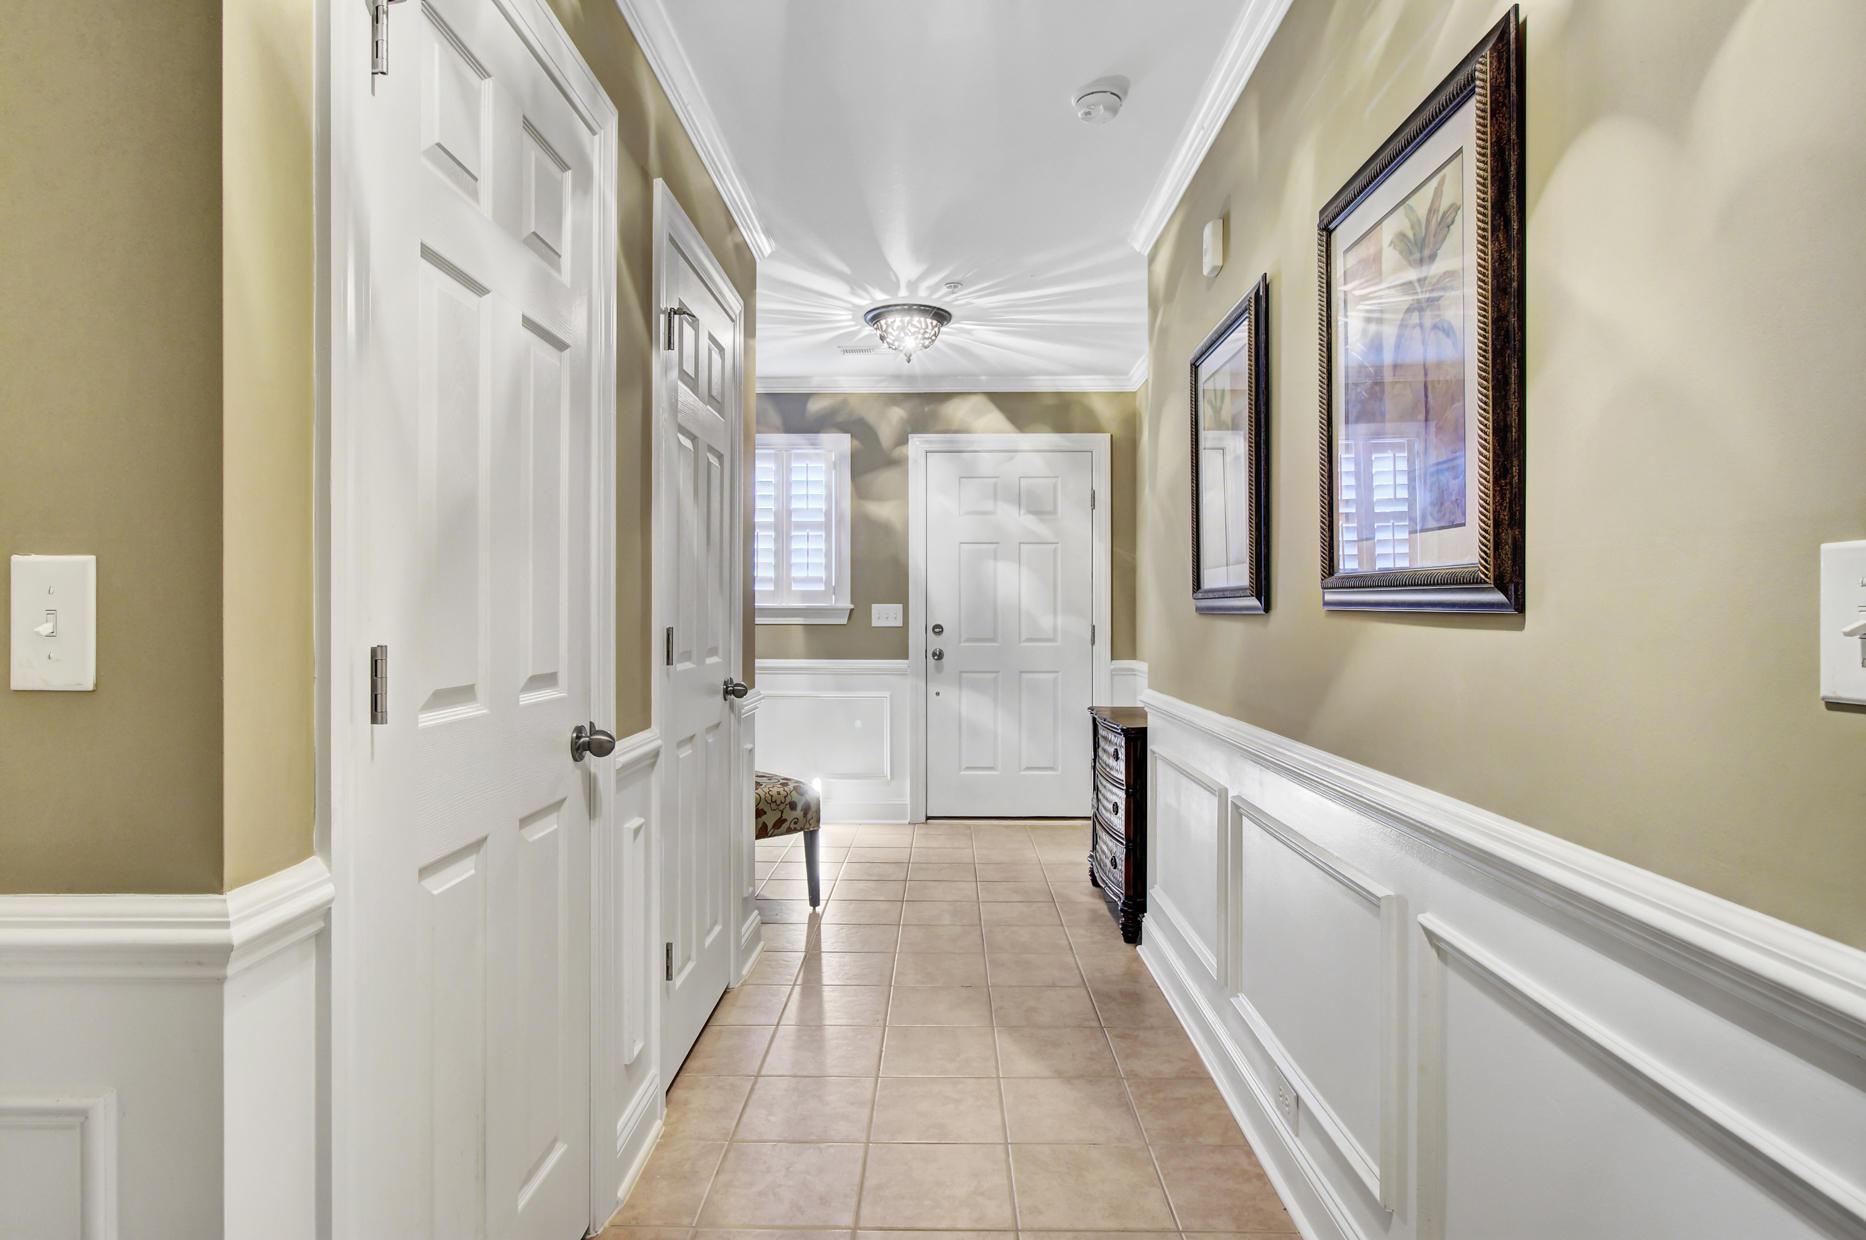 Park West Homes For Sale - 3672 Bagley, Mount Pleasant, SC - 24